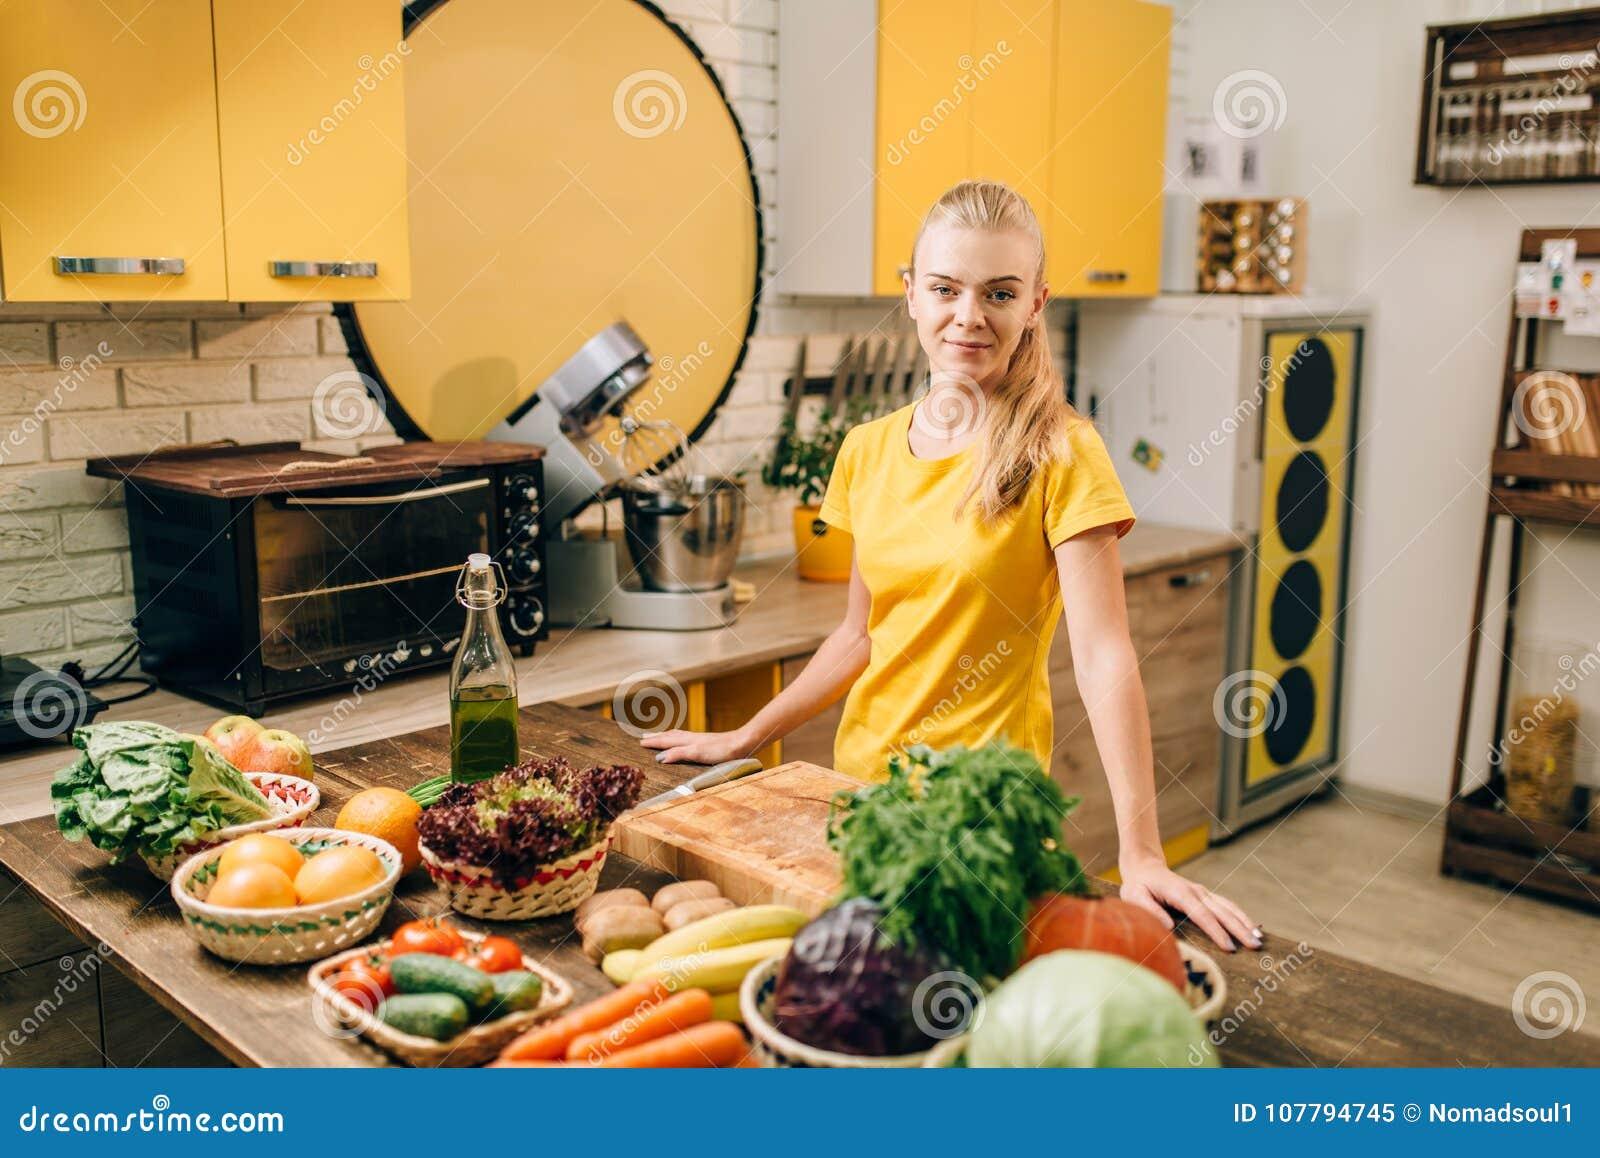 Mujer joven que cocina en la cocina, comida sana